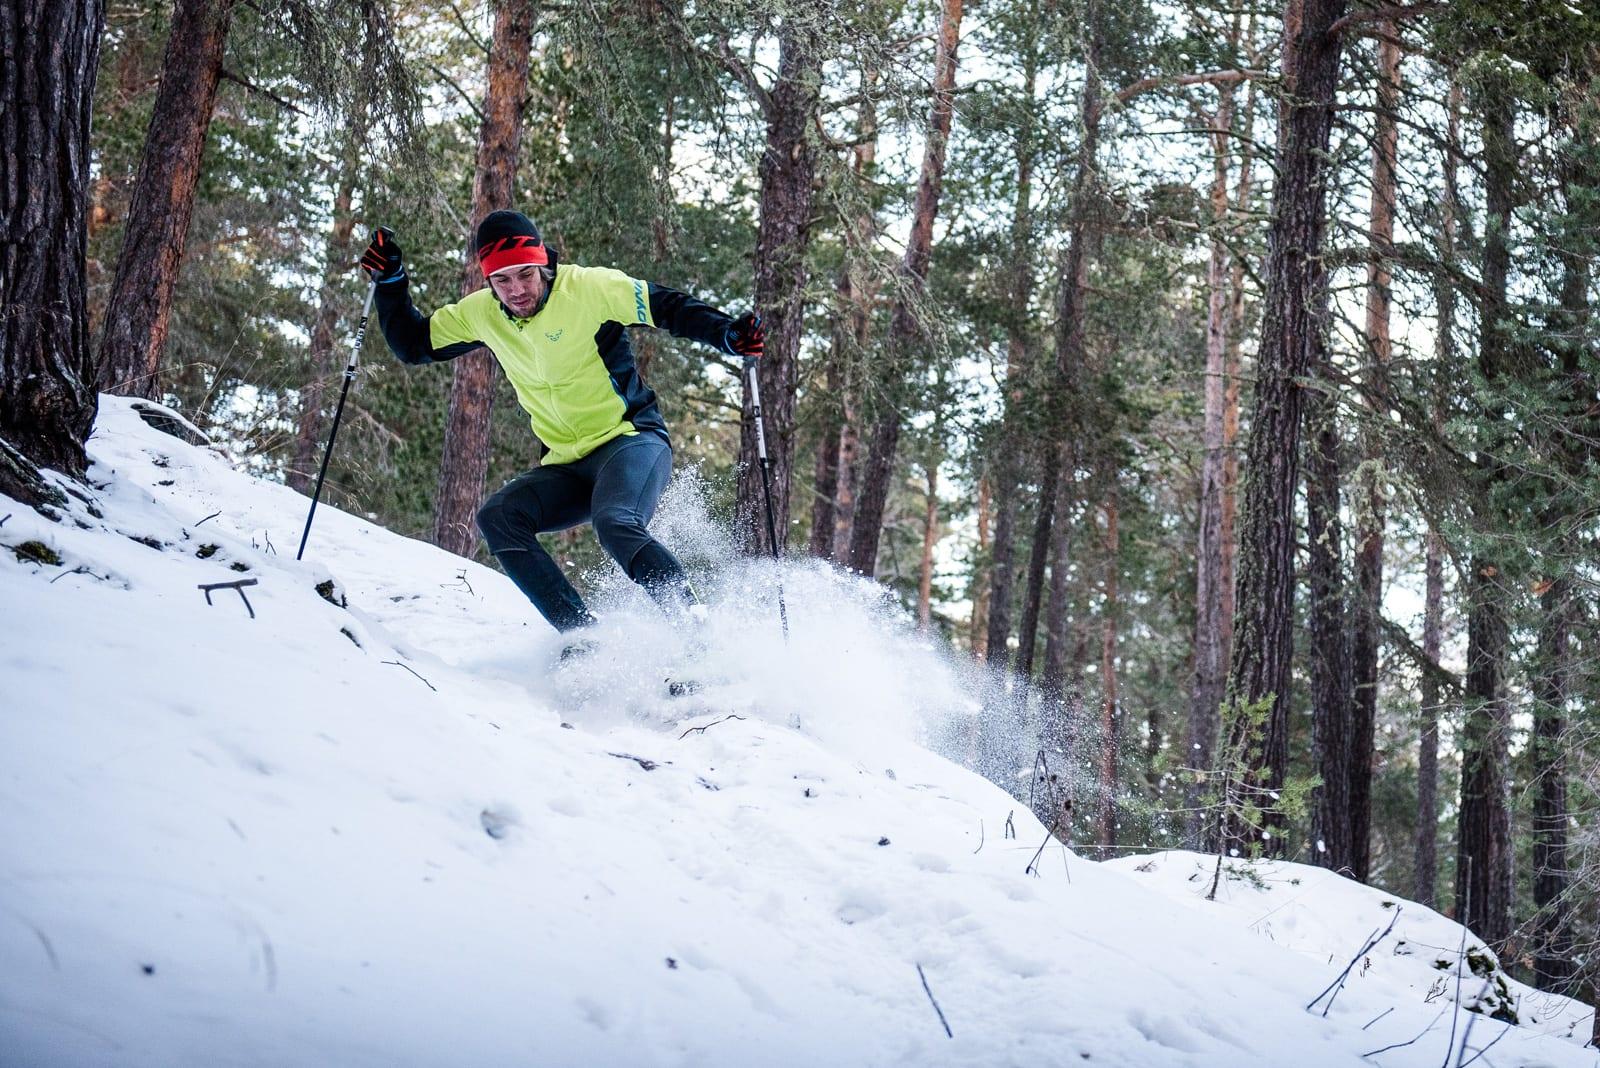 KLAR! Som du skjønner av teaseren tar ikke Erik Finseth lett på vintersesongen og har rimelig store forventninger om at i år skal den sitte: Den perfekte svingen. Bilde: Martin I. Dalen